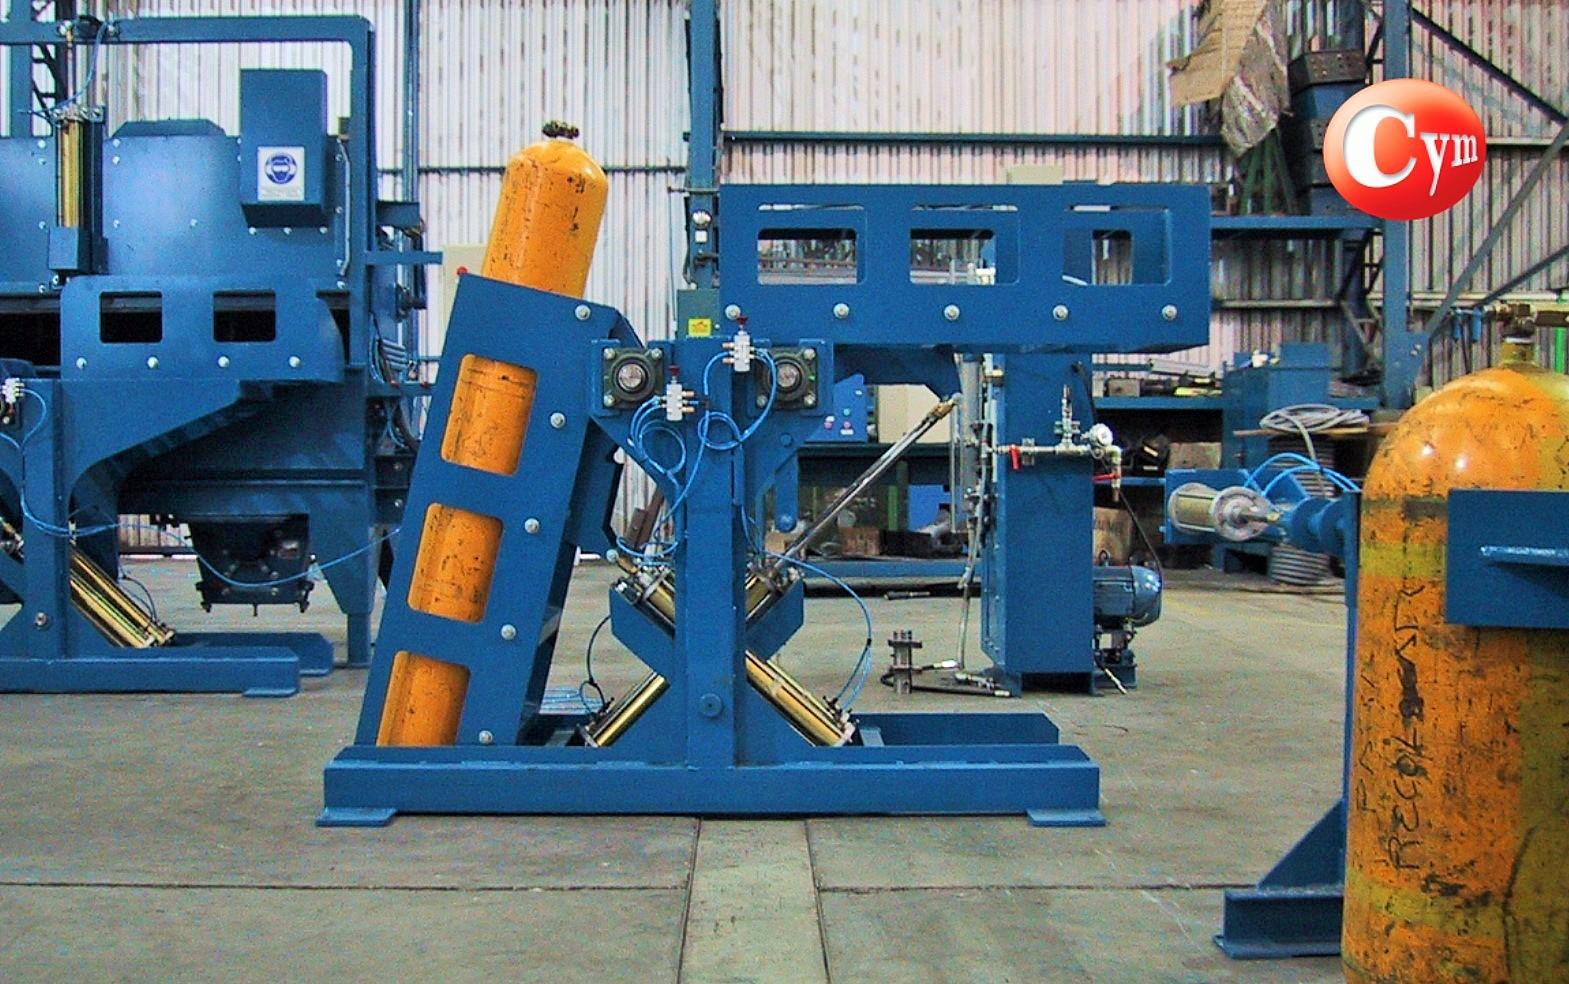 centro-recalificacion-cilindros-gnc-volcador-cilindros-cym